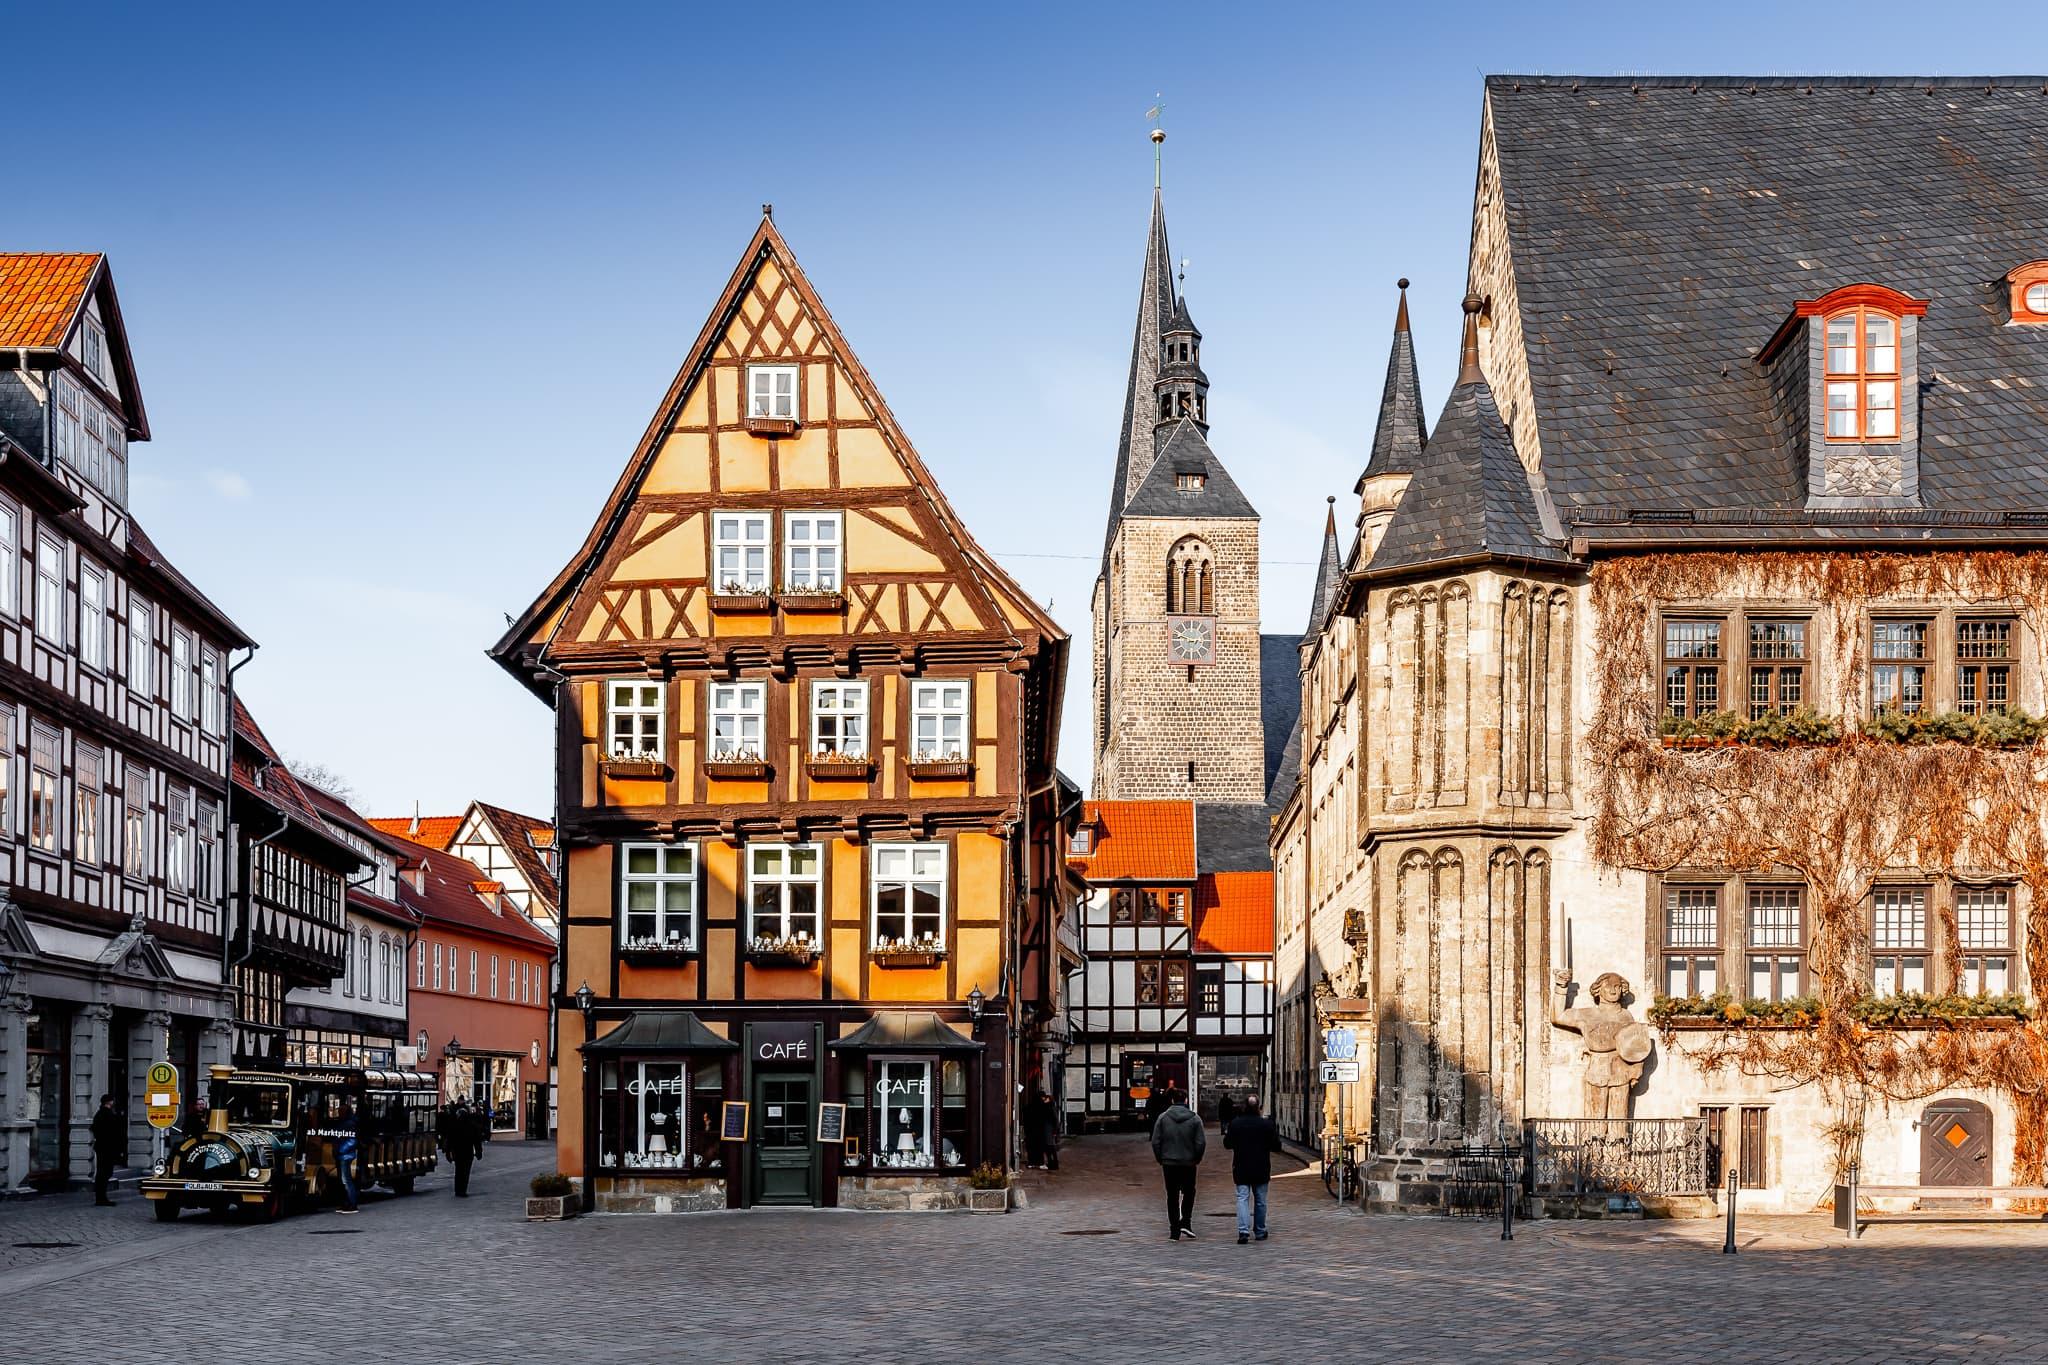 Marktplatz von Quedlinburg im Harz, Sachsen-Anhalt, Deutschland